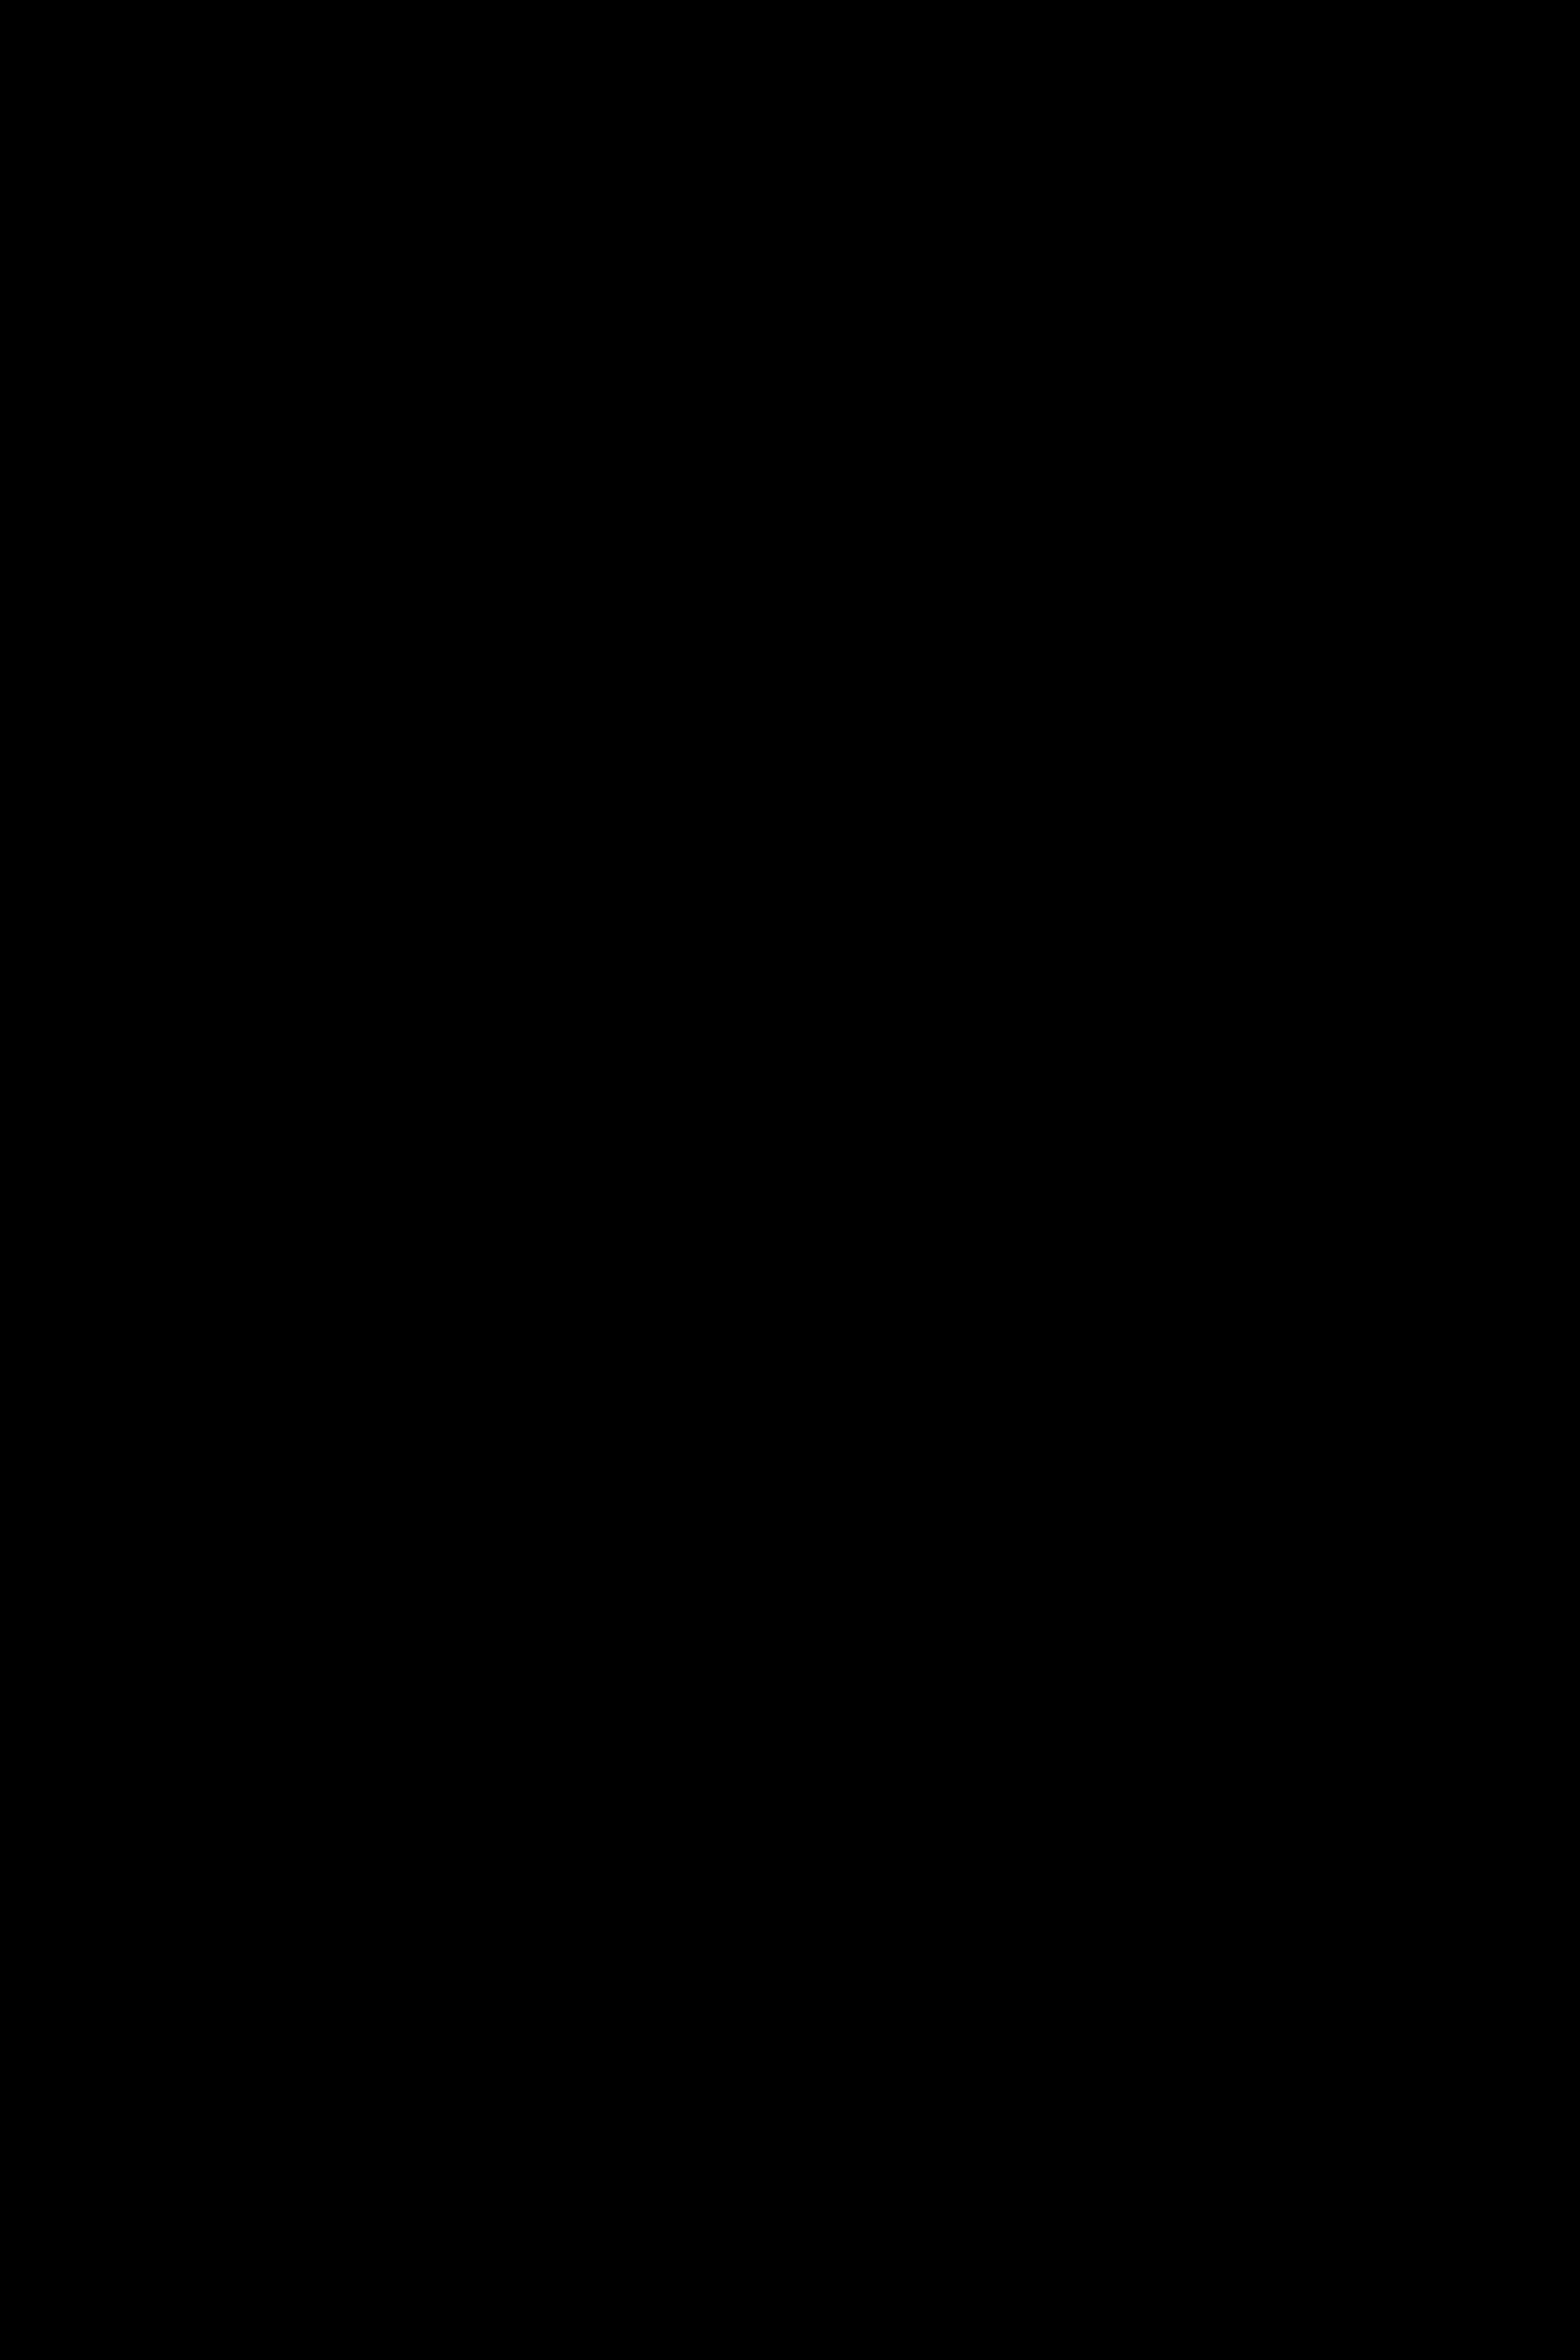 HotGay 2017 - Eros Porto